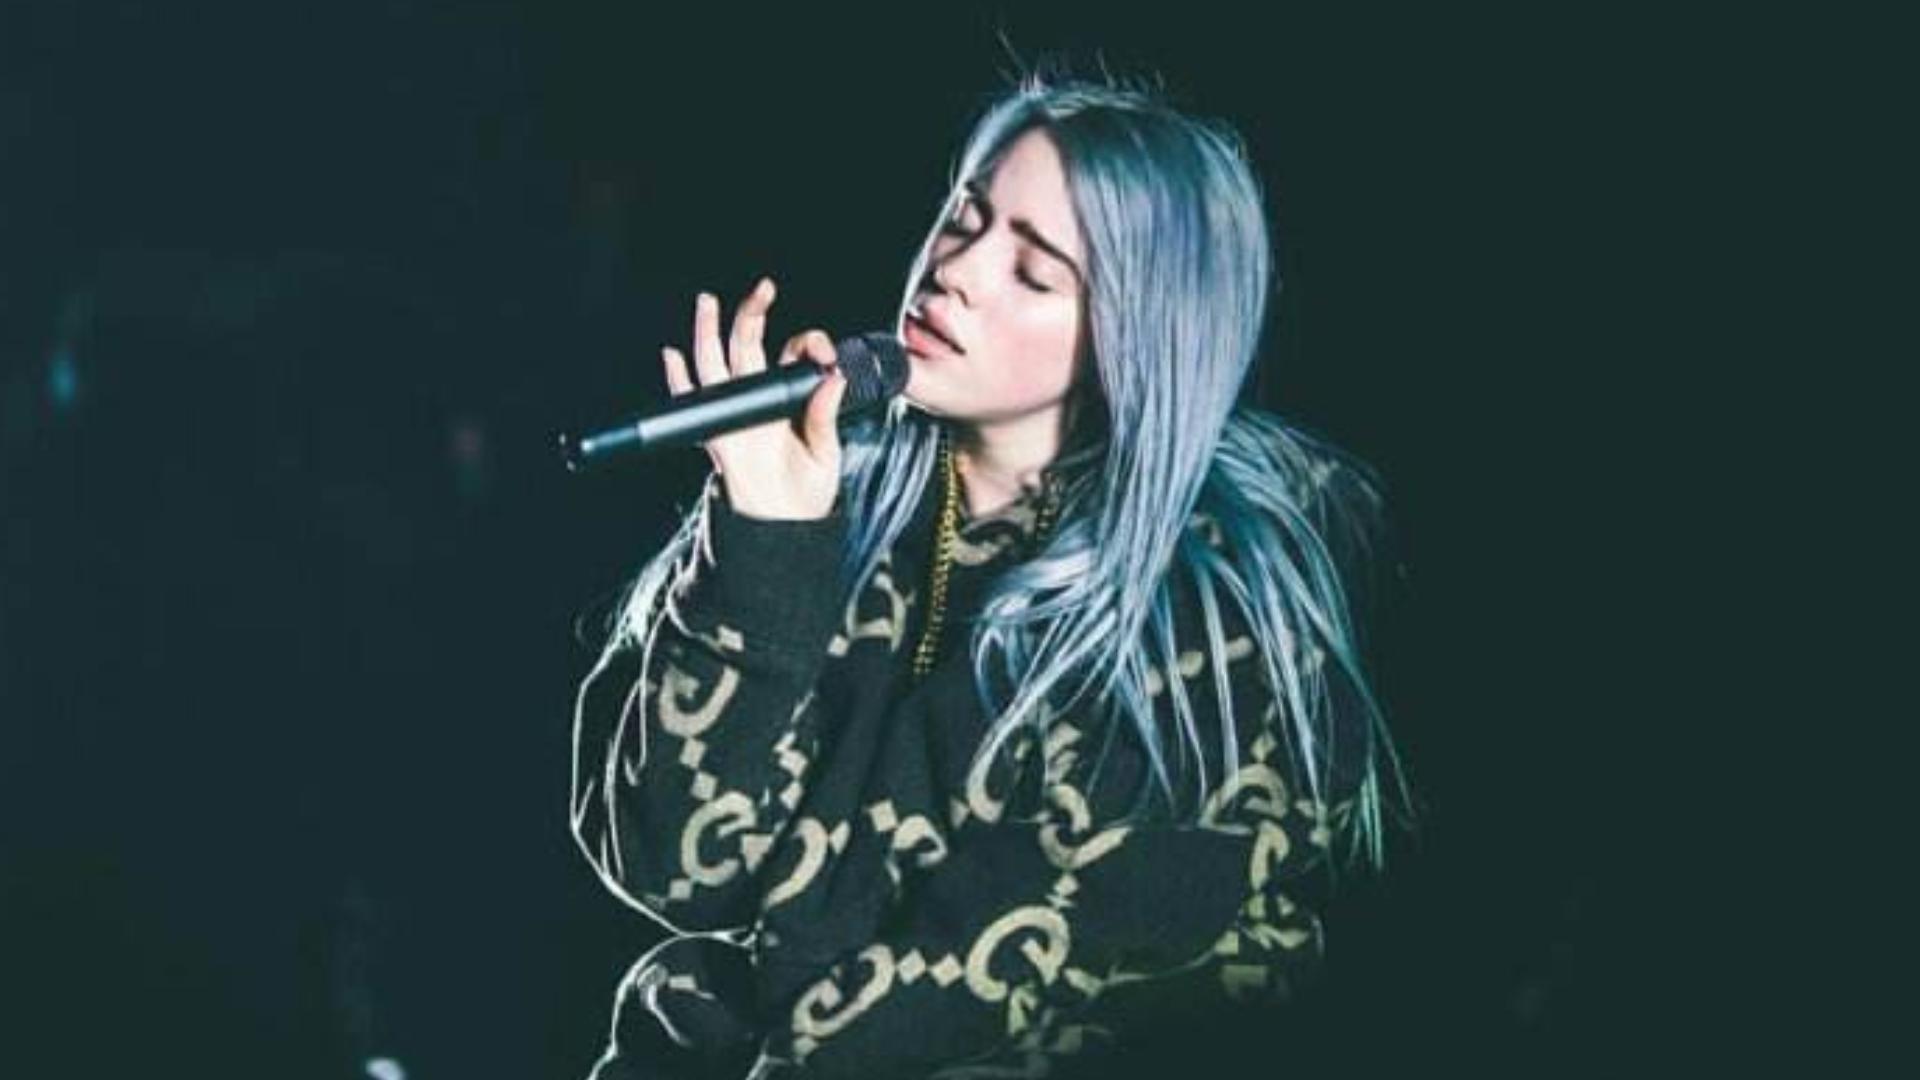 【新近良曲】Billie Eilish - everything i wanted